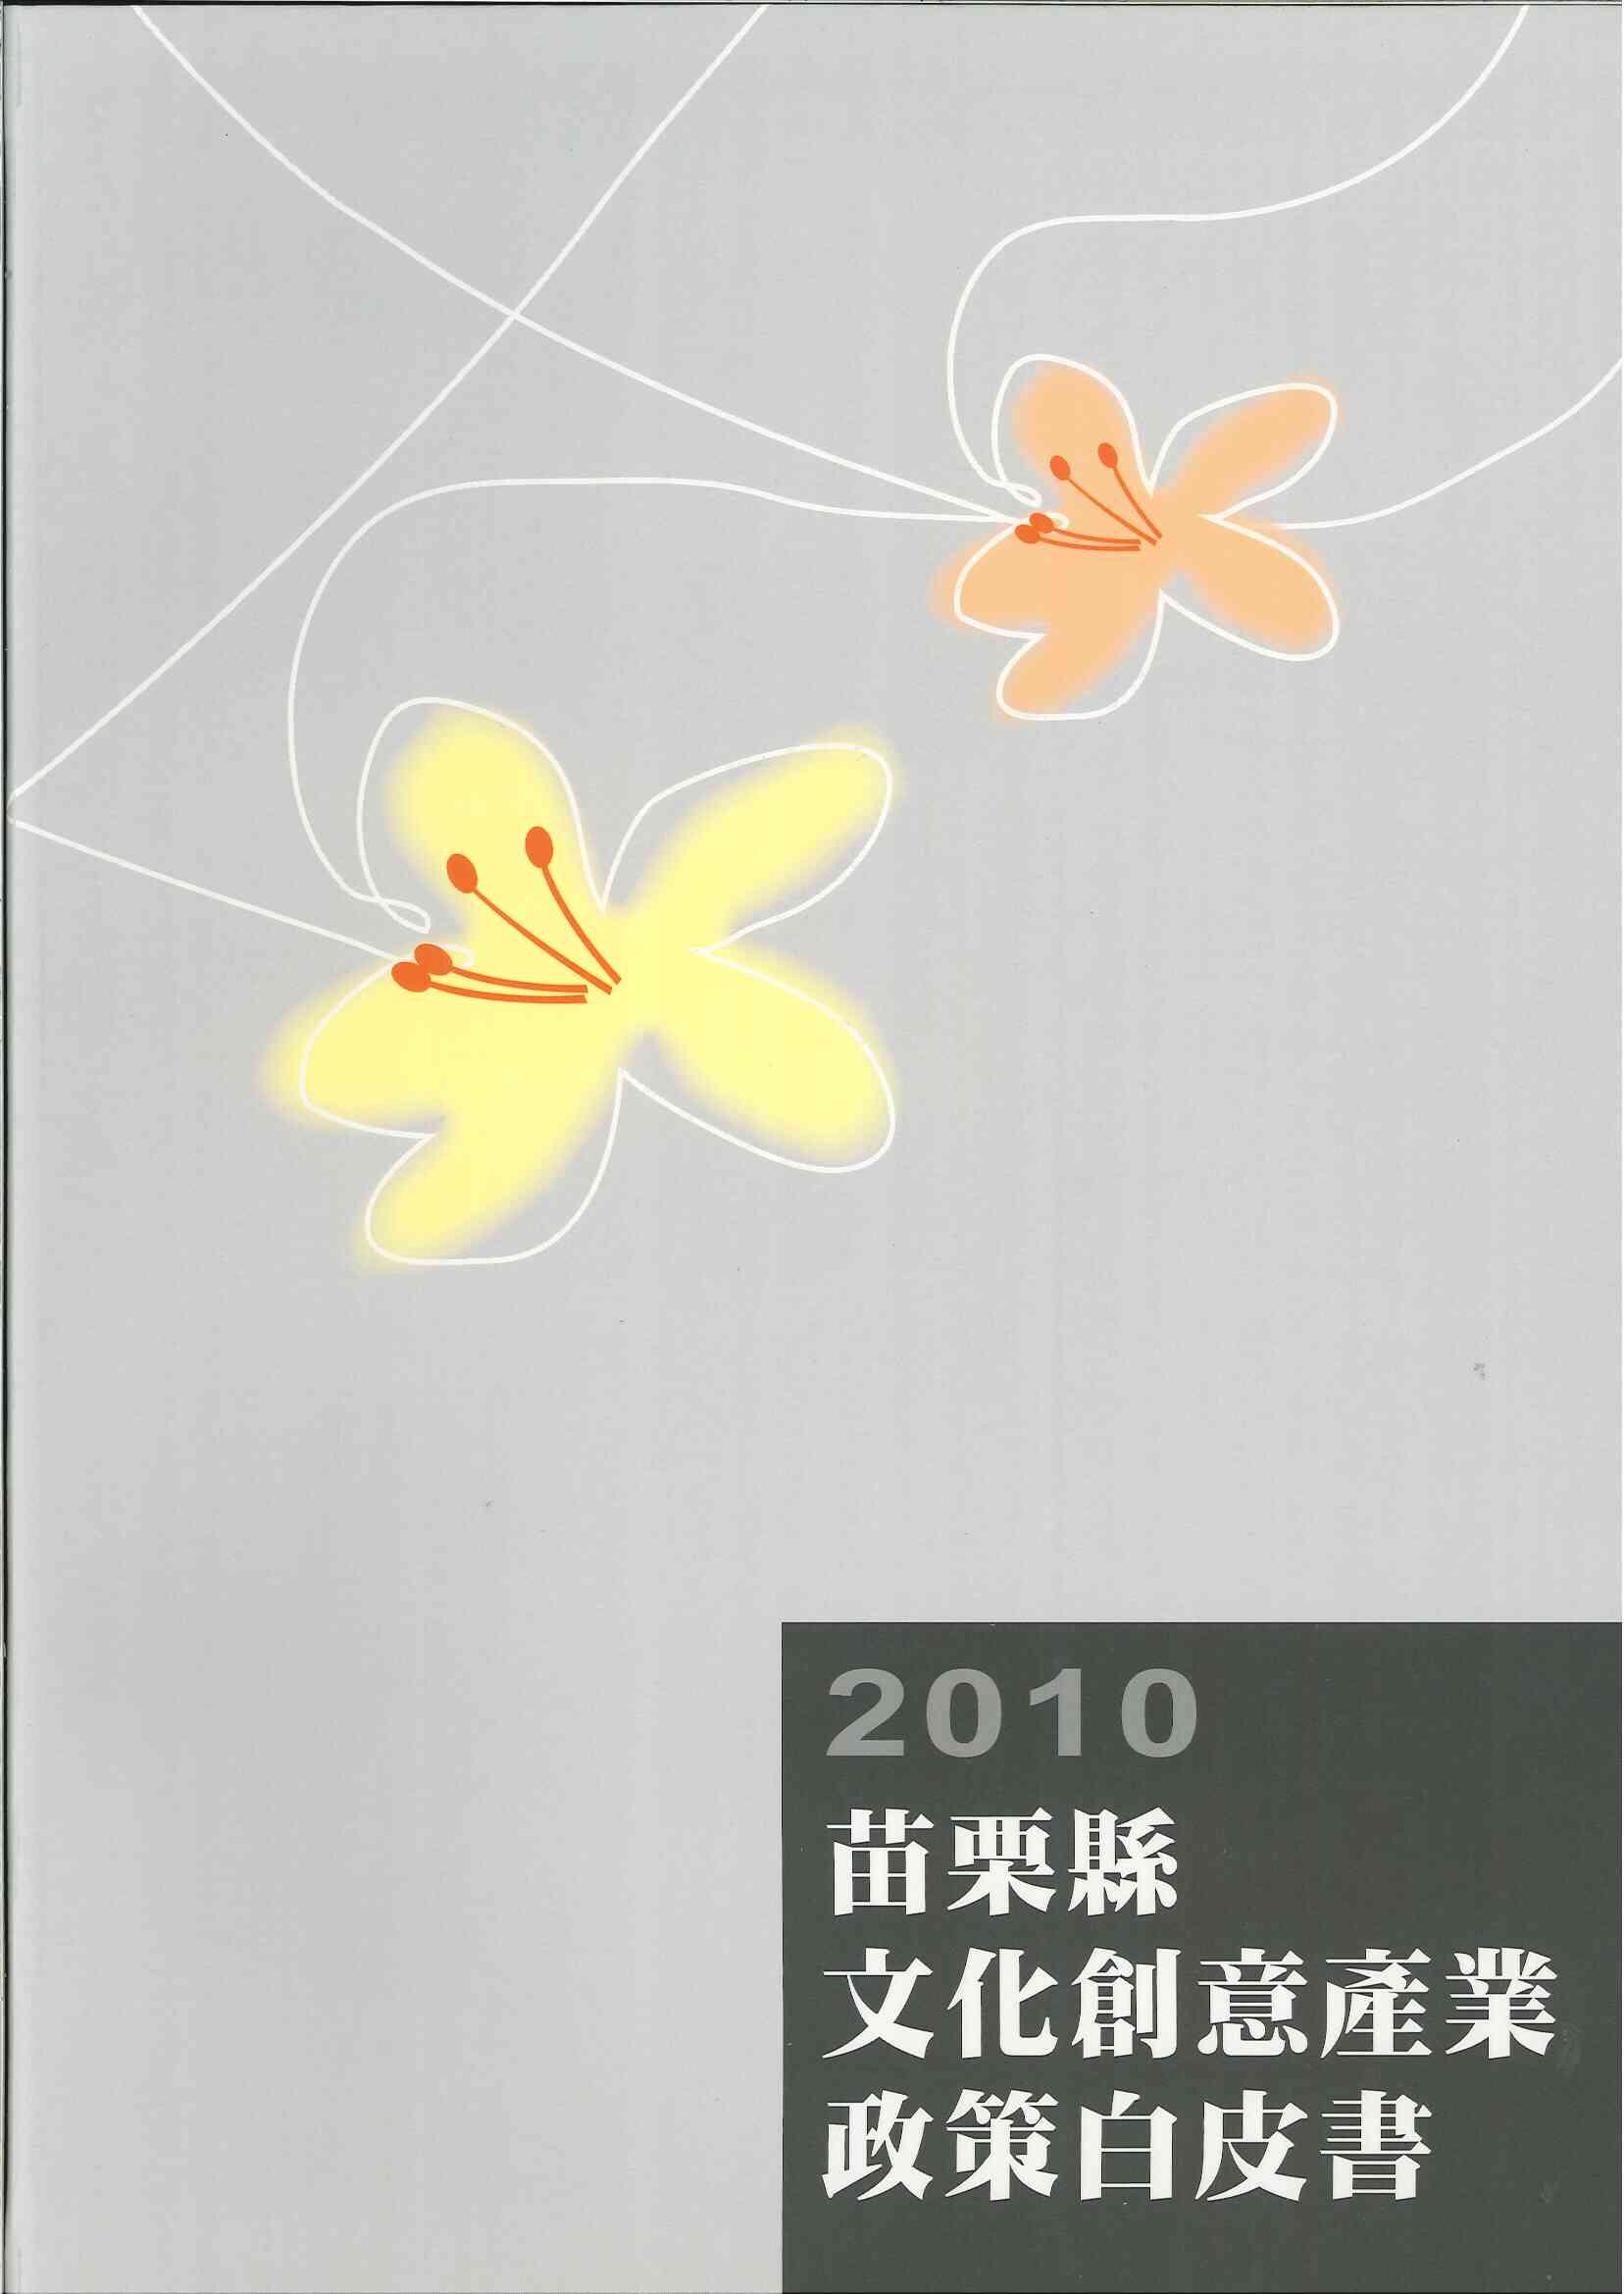 2010苗栗縣文化創意產業政策白皮書